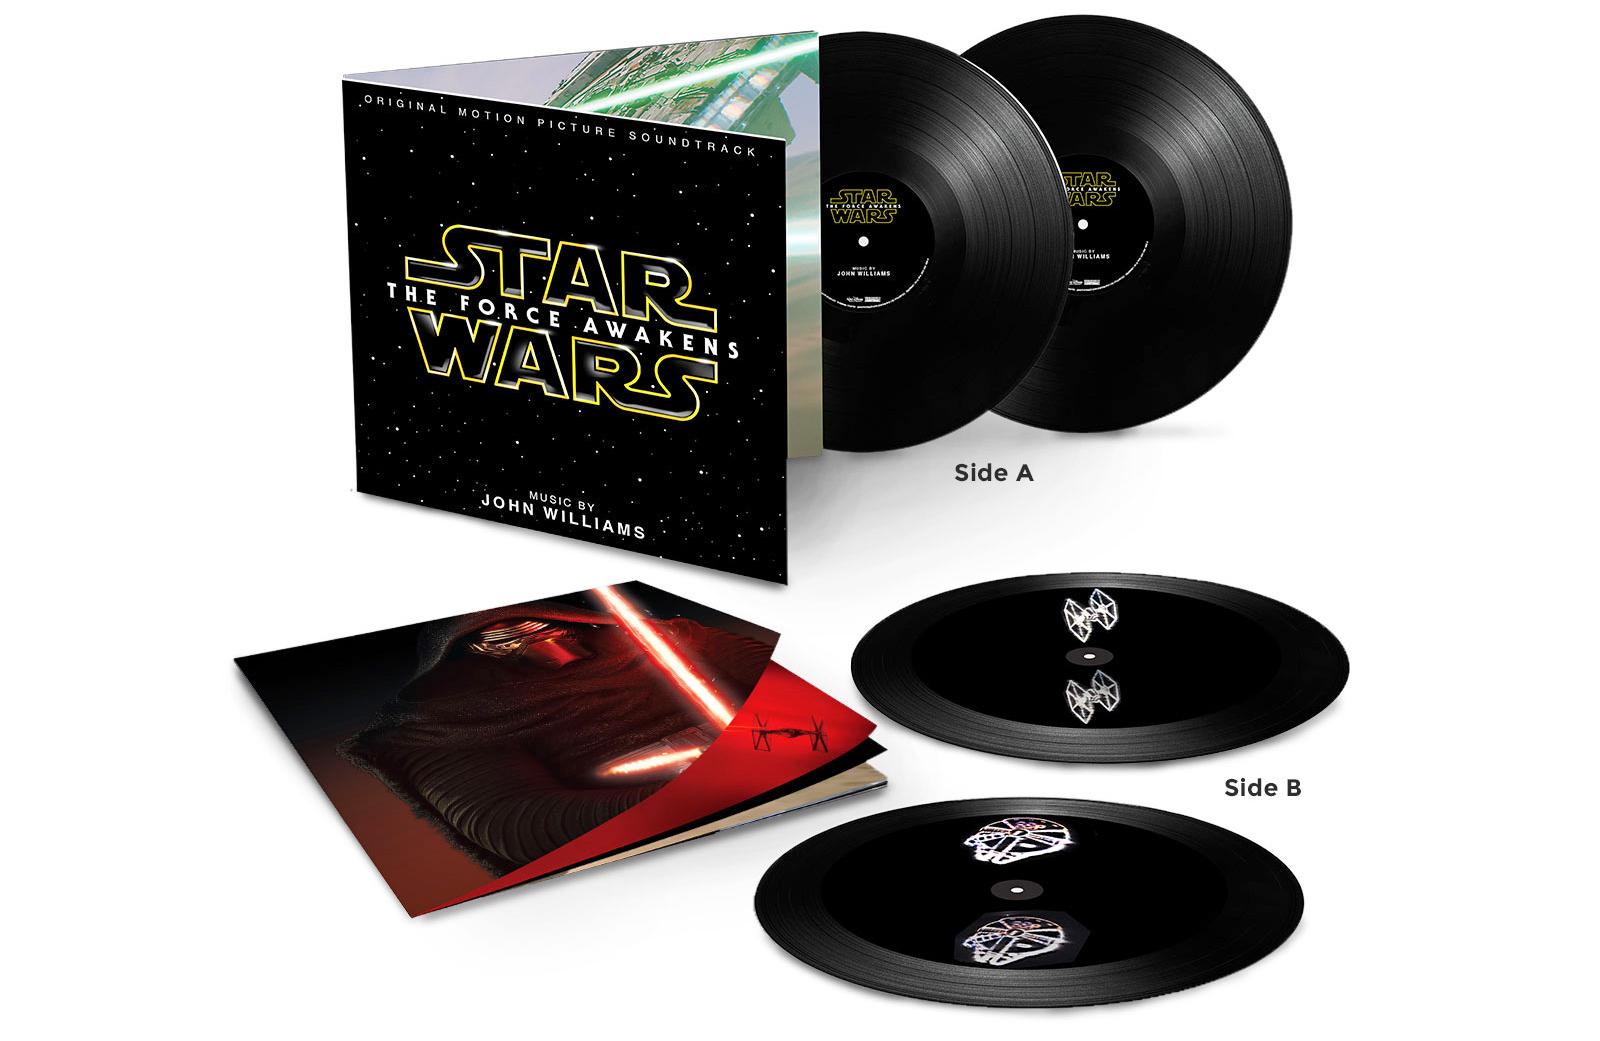 Il vinile della colonna sonora di Star Wars: Ep. VII riprodurrà ologrammi del Millennium Falcon!